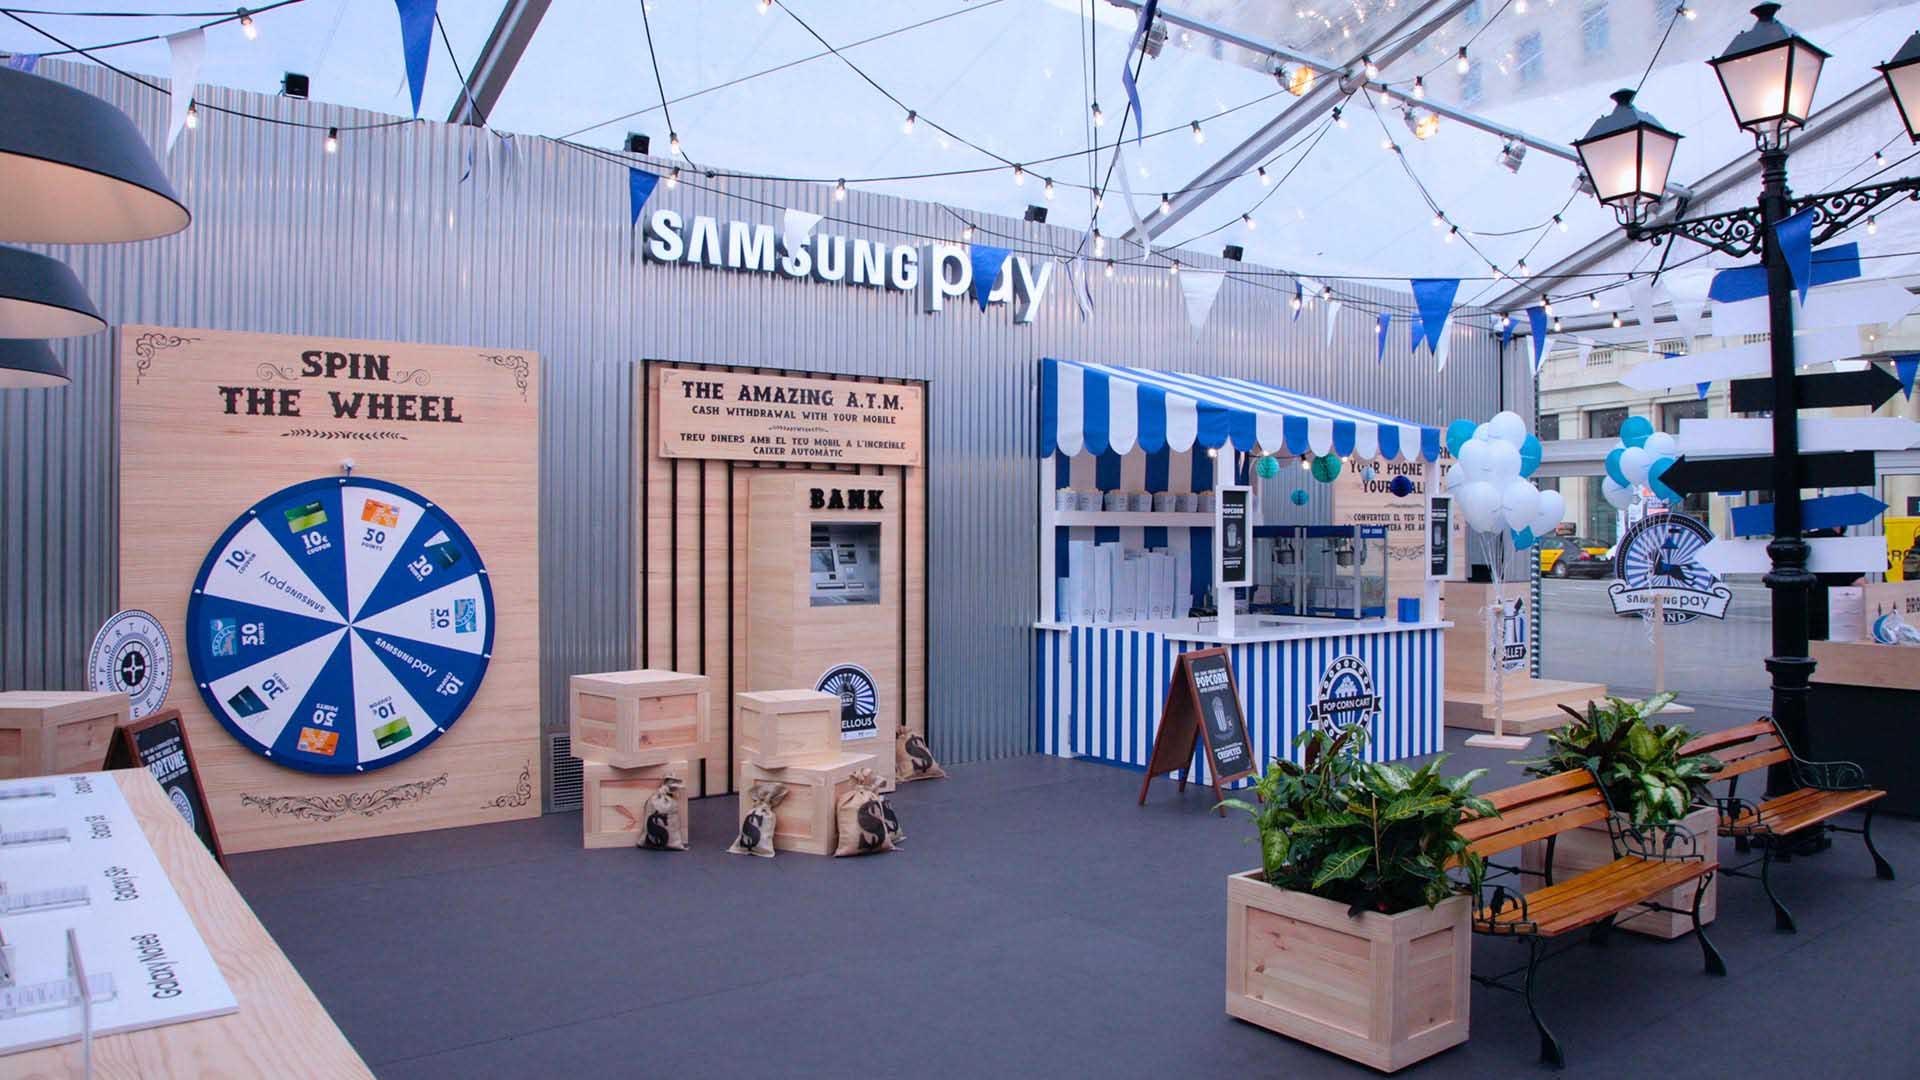 Pop up Samsung pay. Diseño interiorismo evento